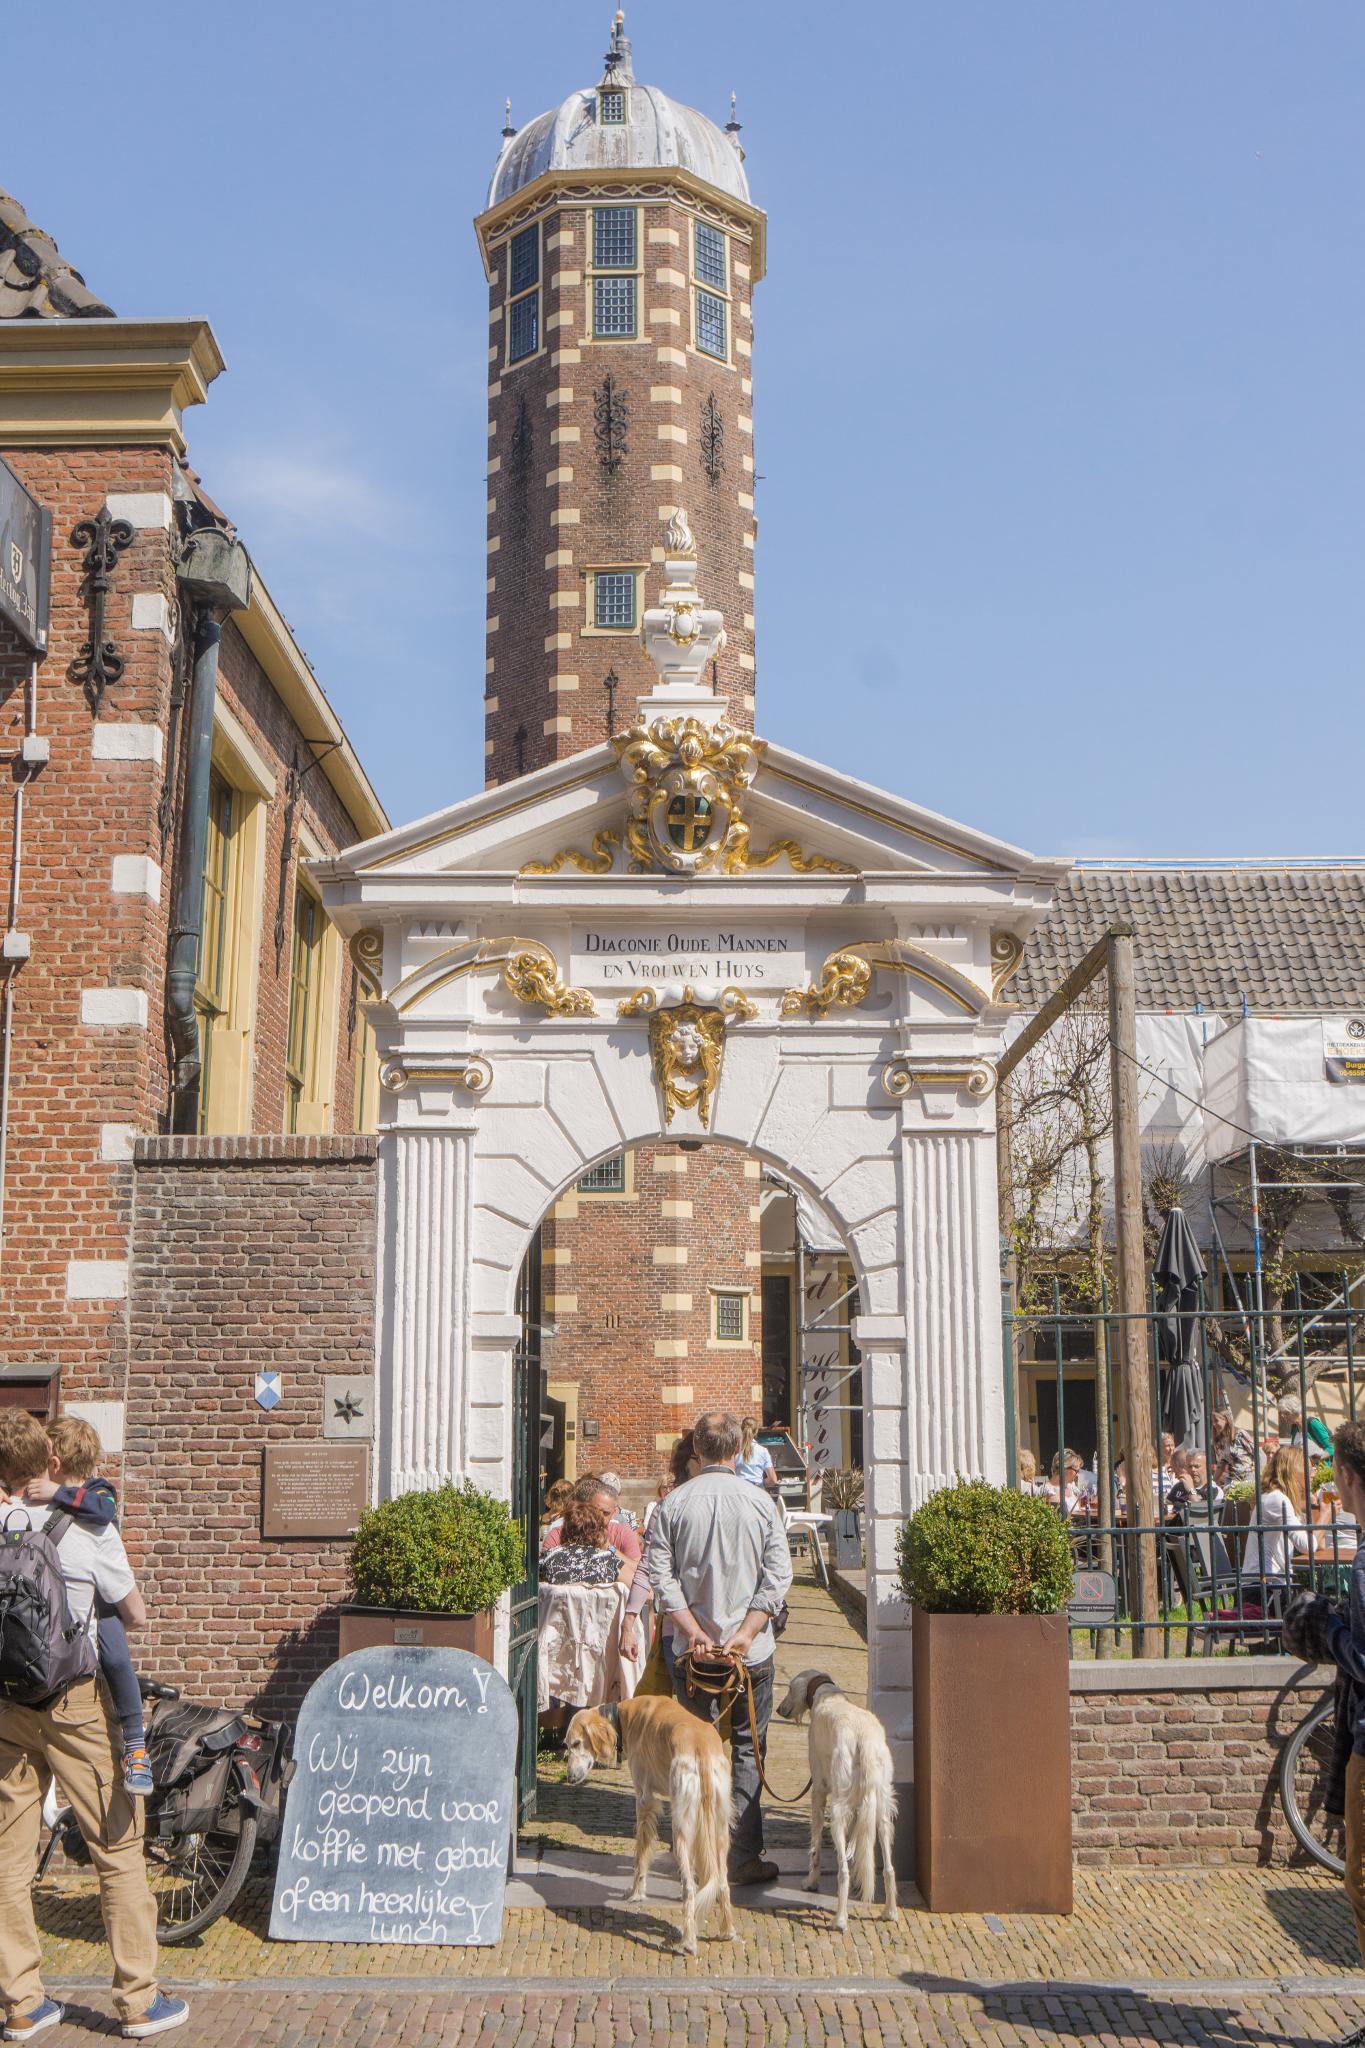 【荷蘭印象】體驗道地的荷式風情 — Alkmaar 起司市集 散步路線整理 38